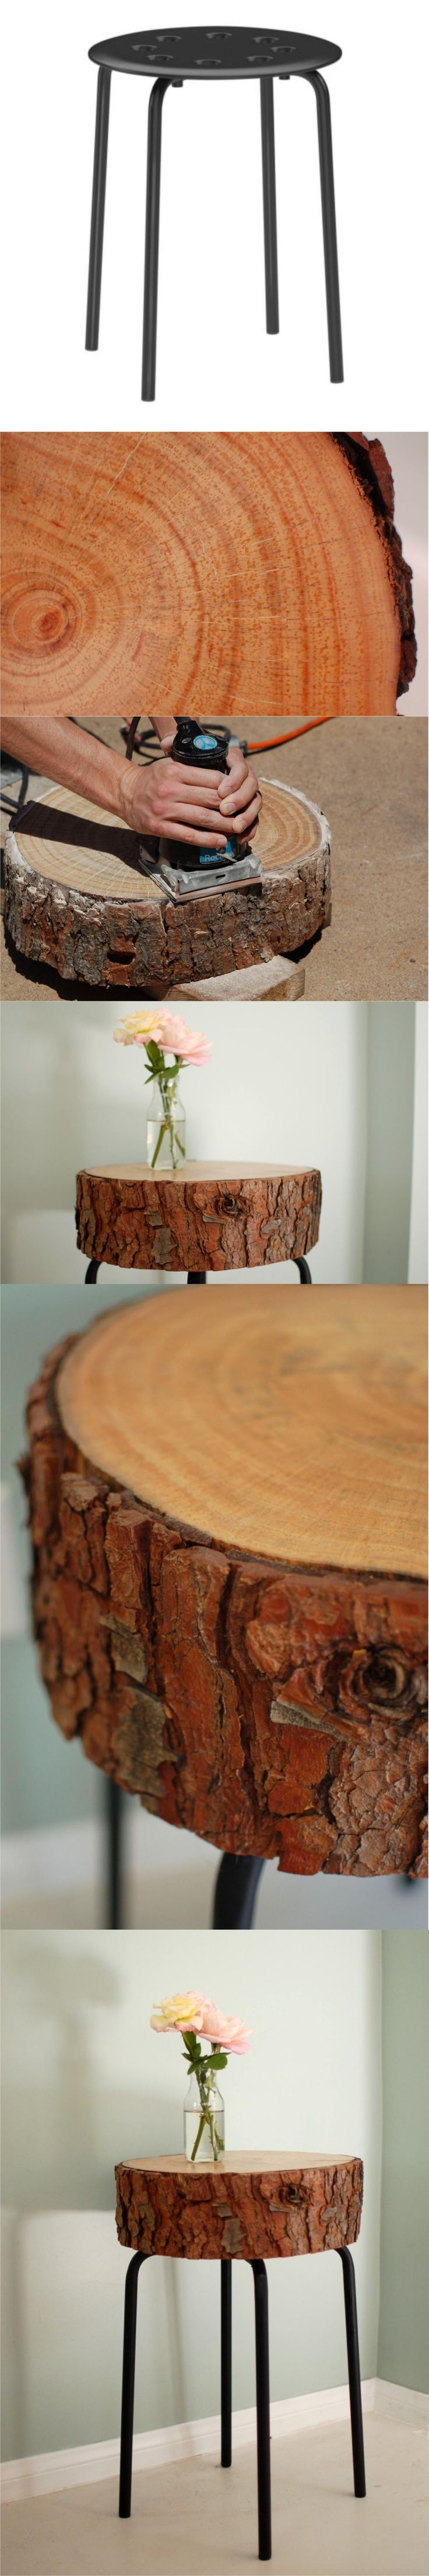 39910d68603199c881e15ce5c320f078 Frais De Table Bois Ikea Des Idées